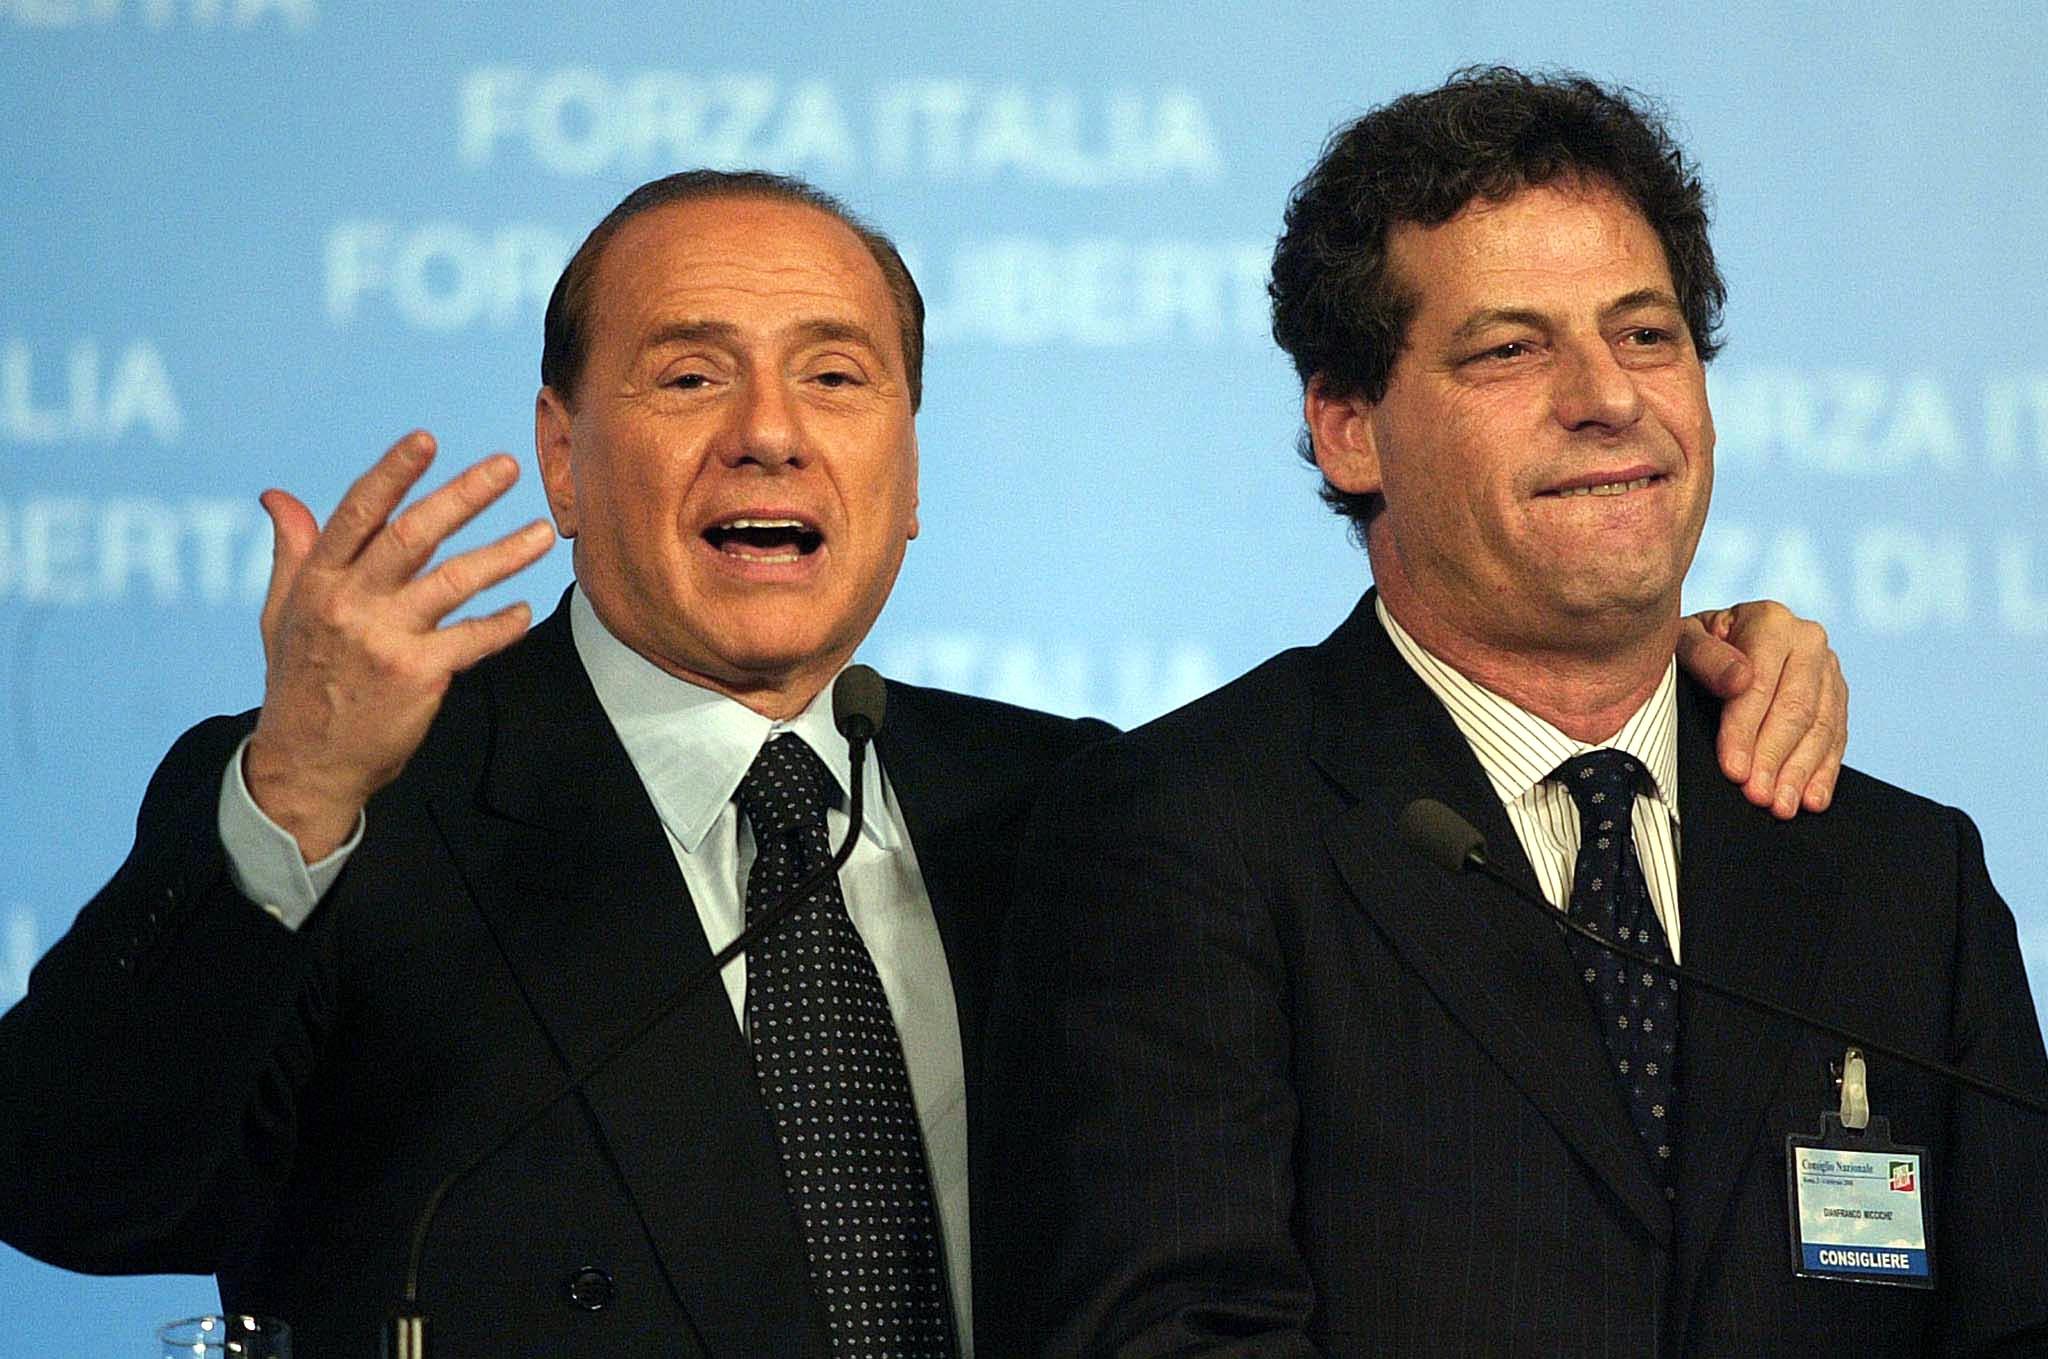 Amministrative: il vecchio Miccichè  attacca Di Maio e Salvini dopo la visita siciliana, 'Mischini…'